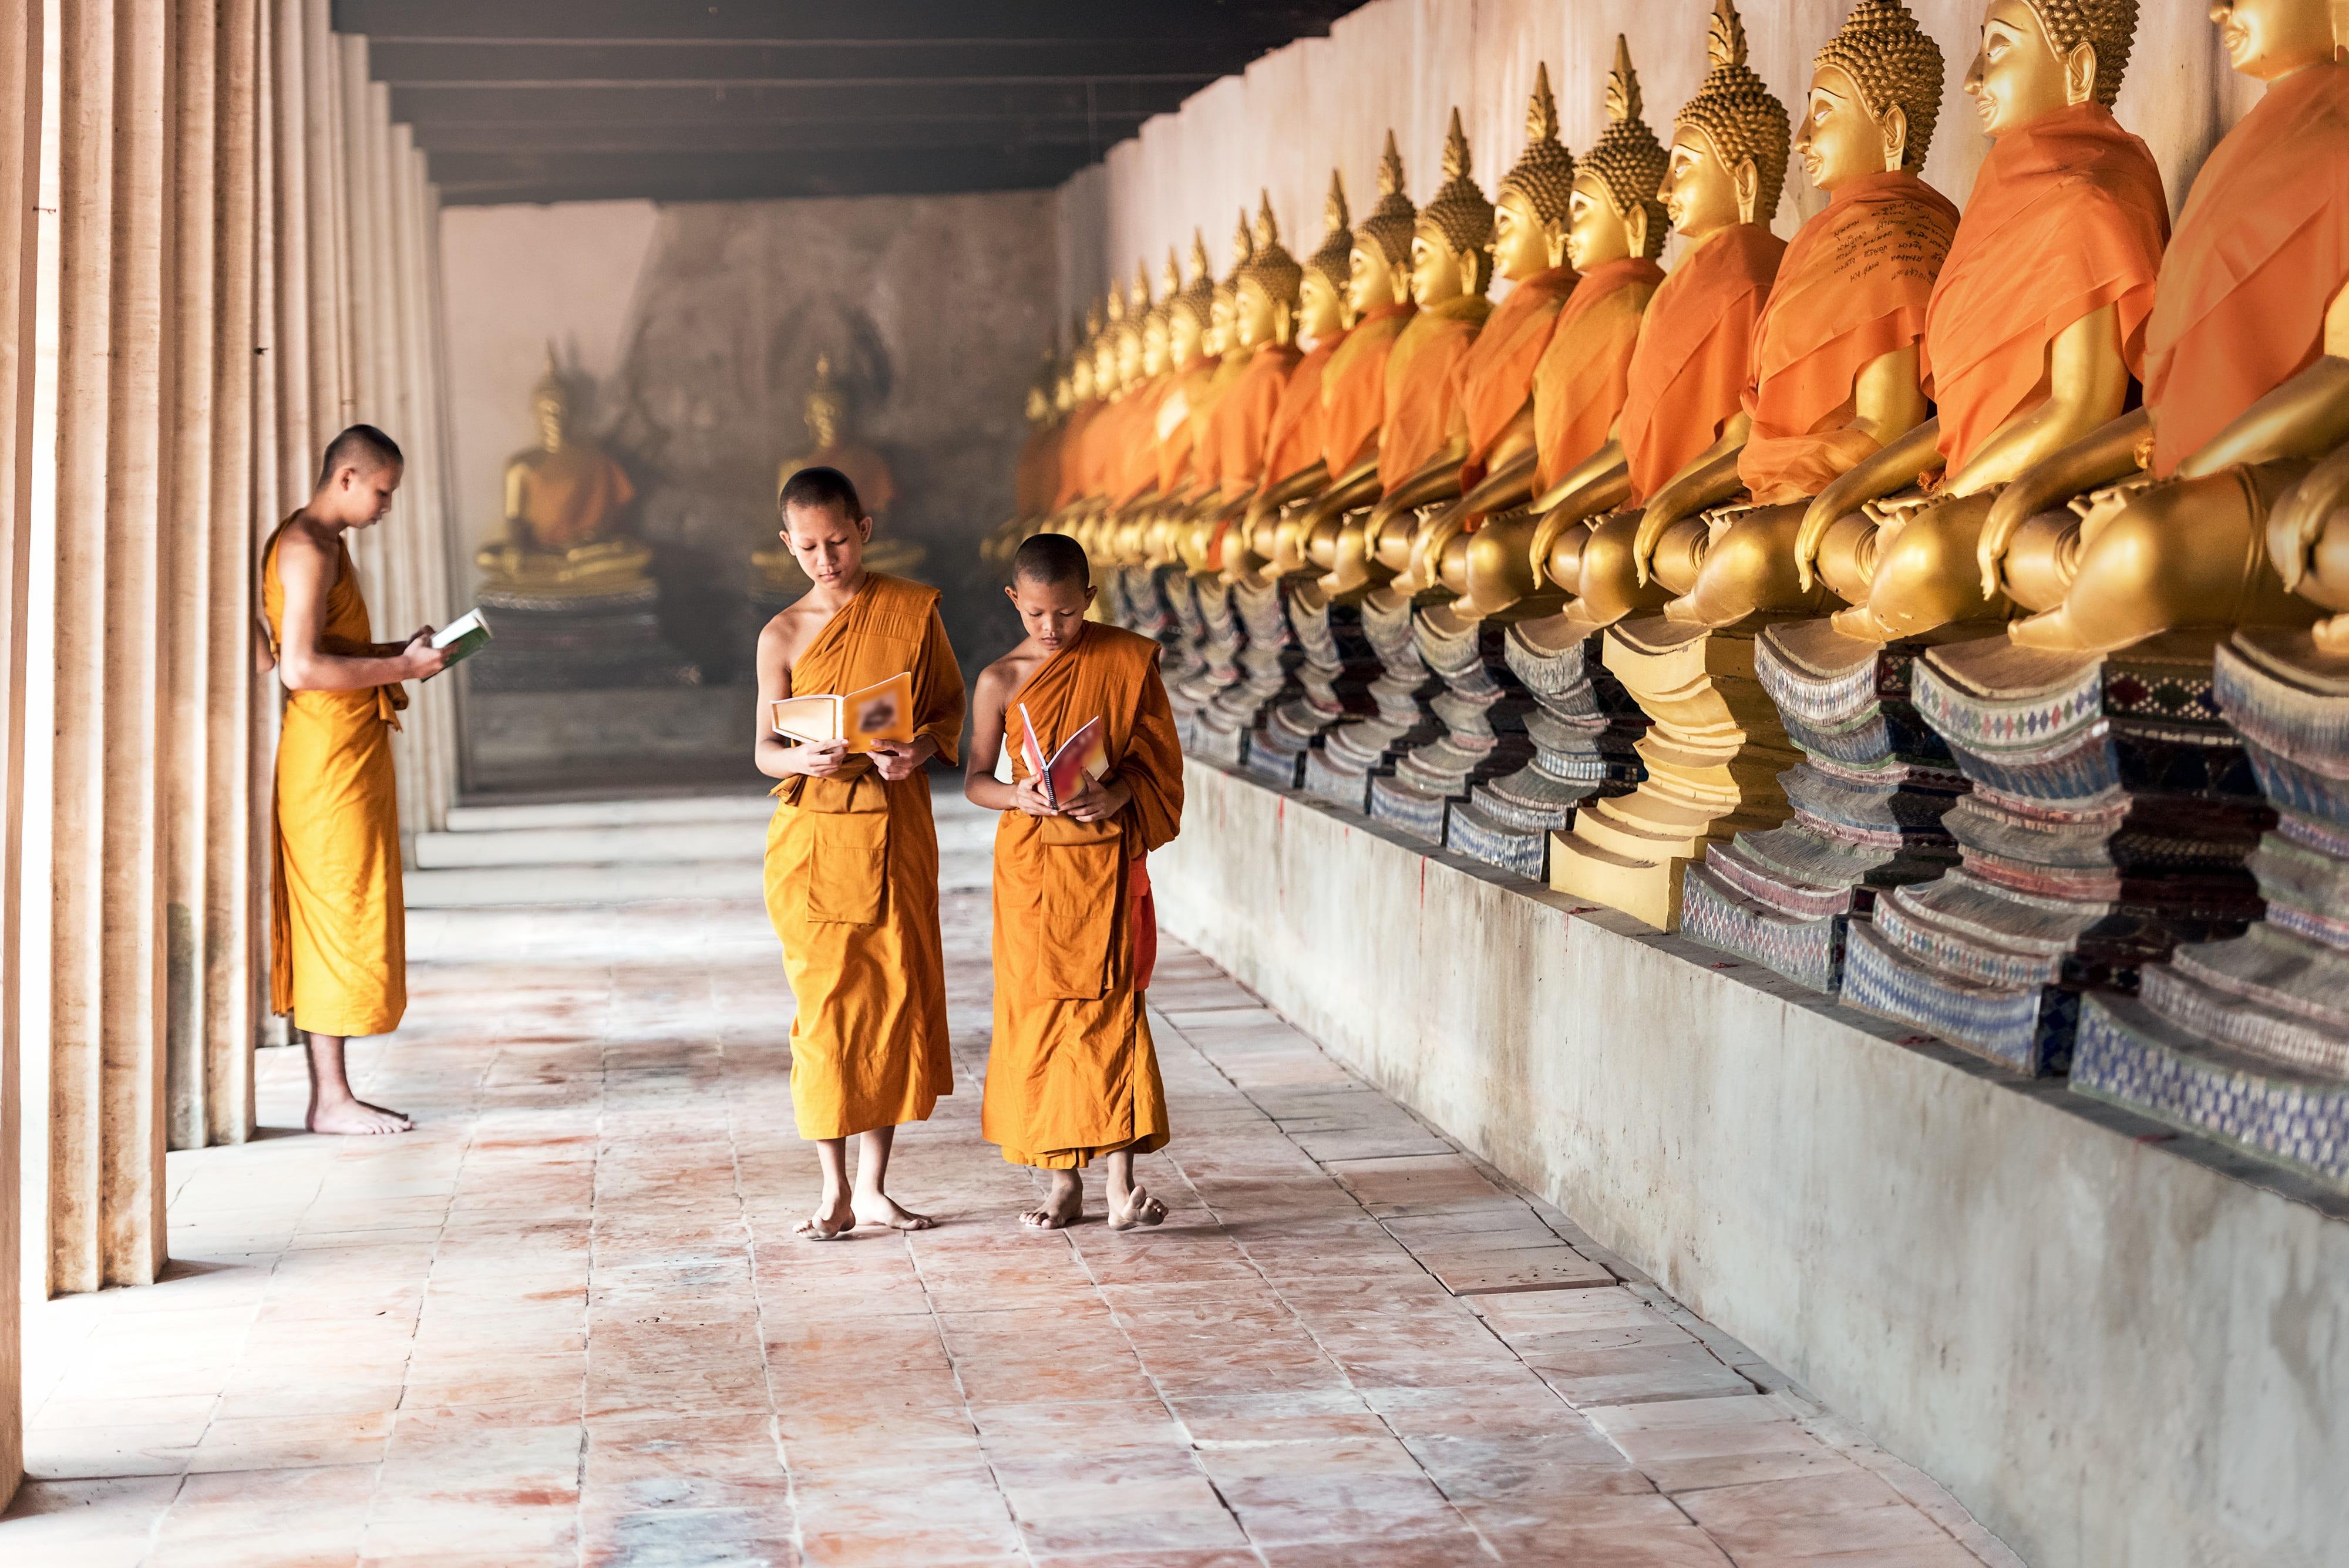 LAOS EXPLORER SCHOOL TOUR